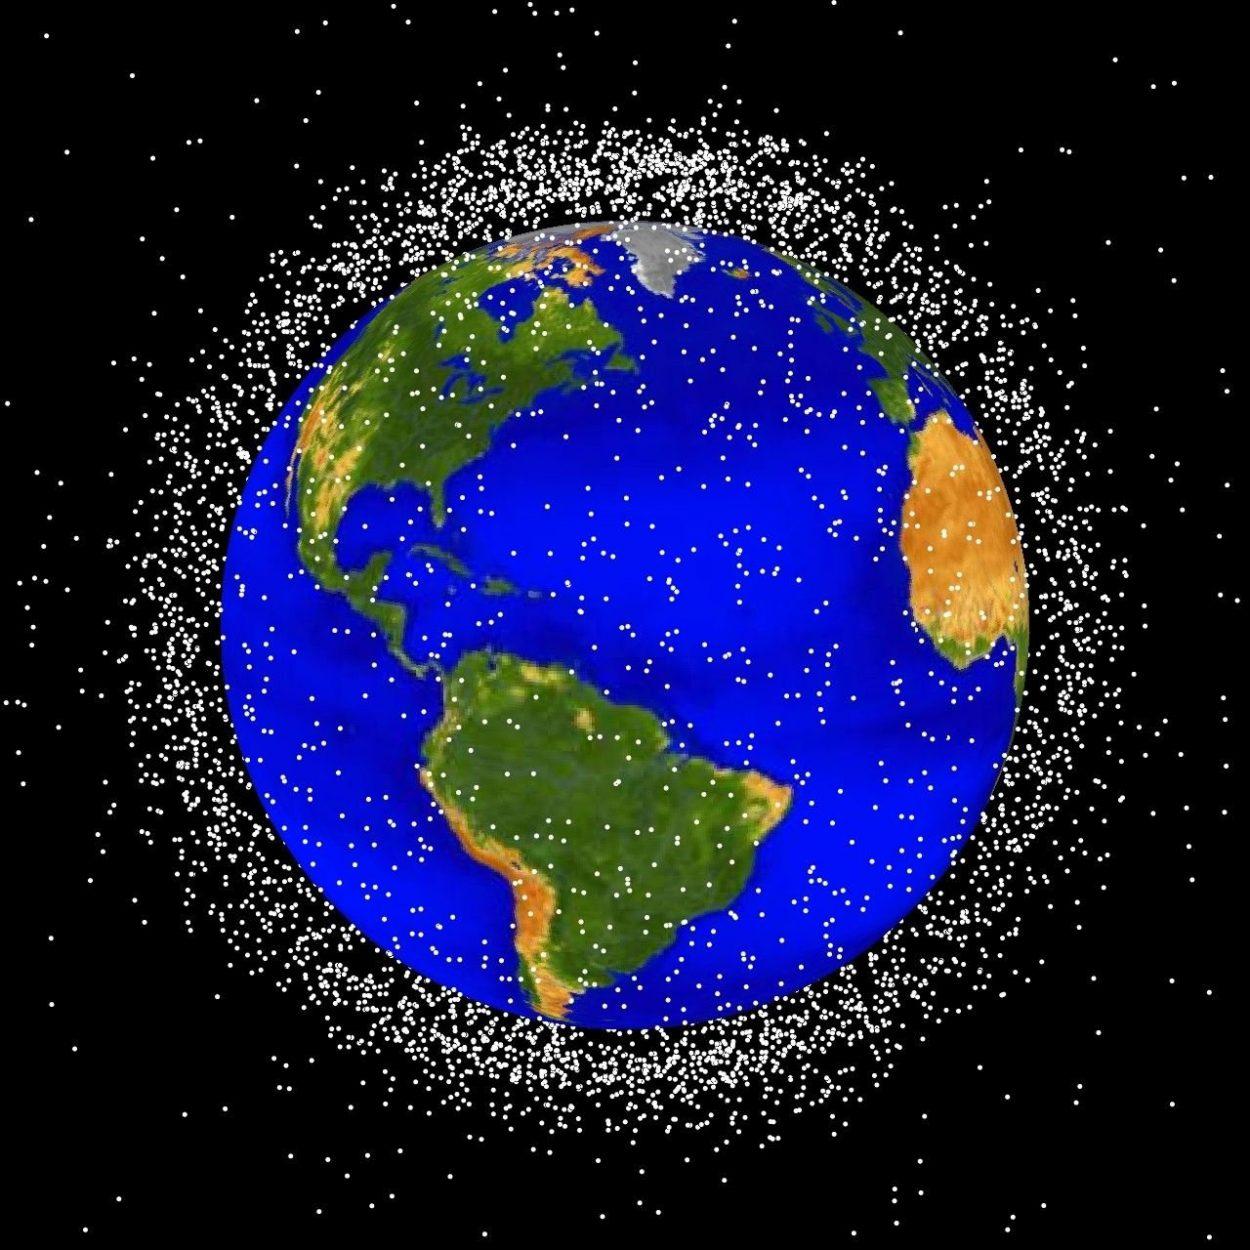 Vue d'artiste de la Terre entourée de débris spatiaux.